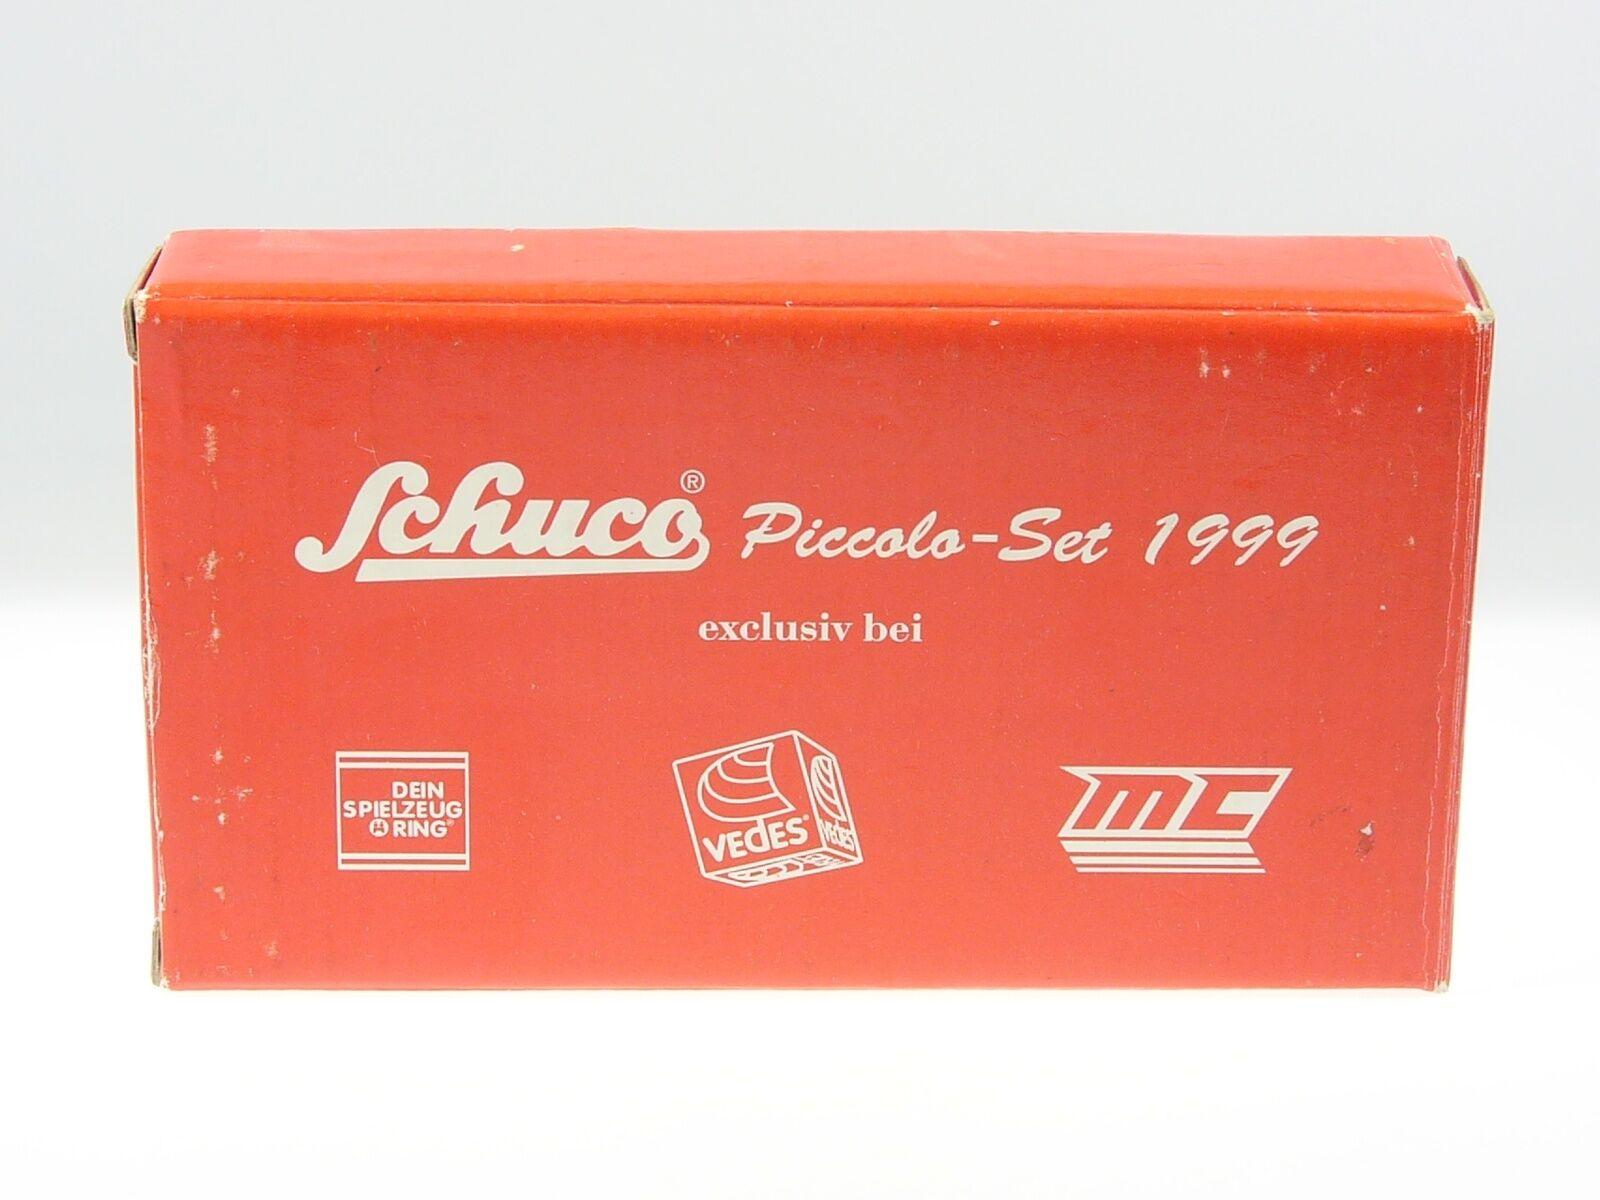 Schuco Piccolo set vedes 1999 1999 1999   50171200 d46055